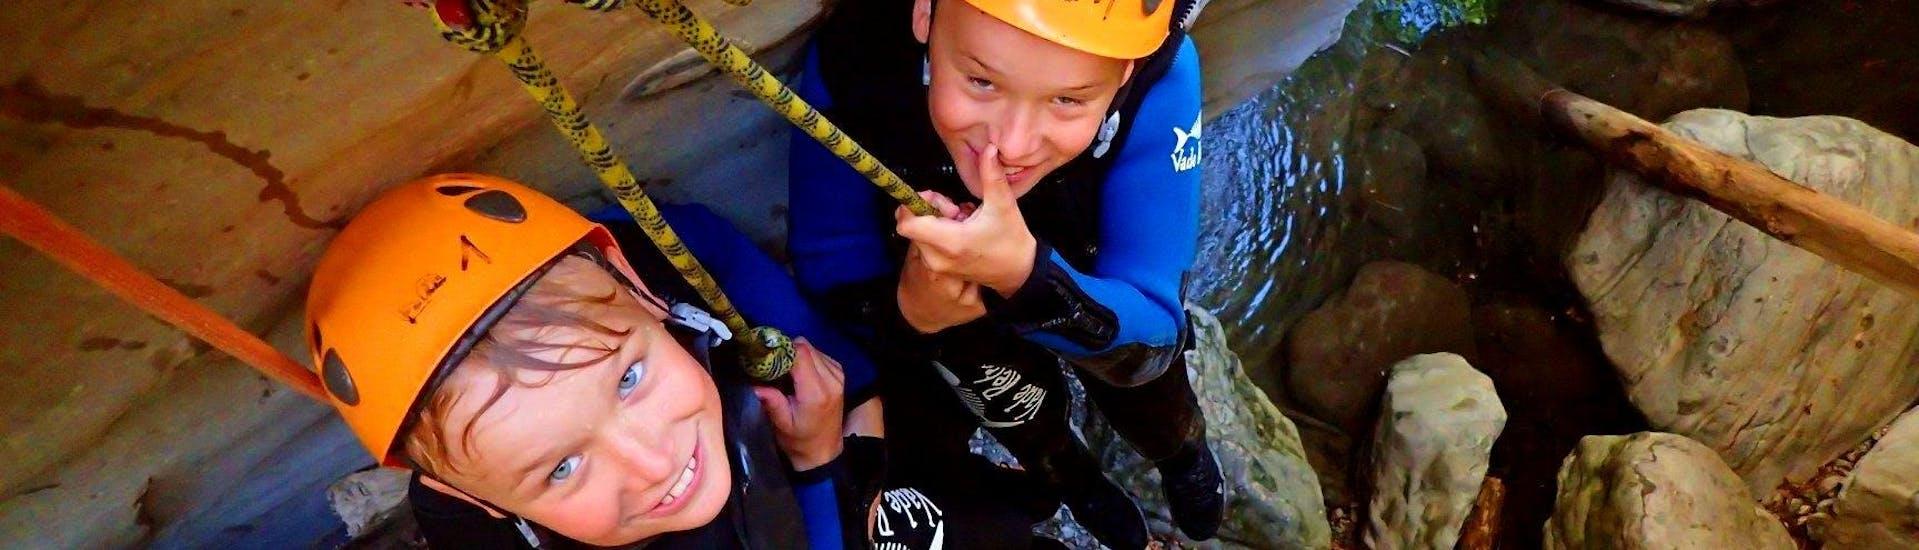 Zwei Kinder werden beim Canyoning im Torrente San Michele - Family Fun, das von Skyclimber organisiert wird, zum Wasser geführt.